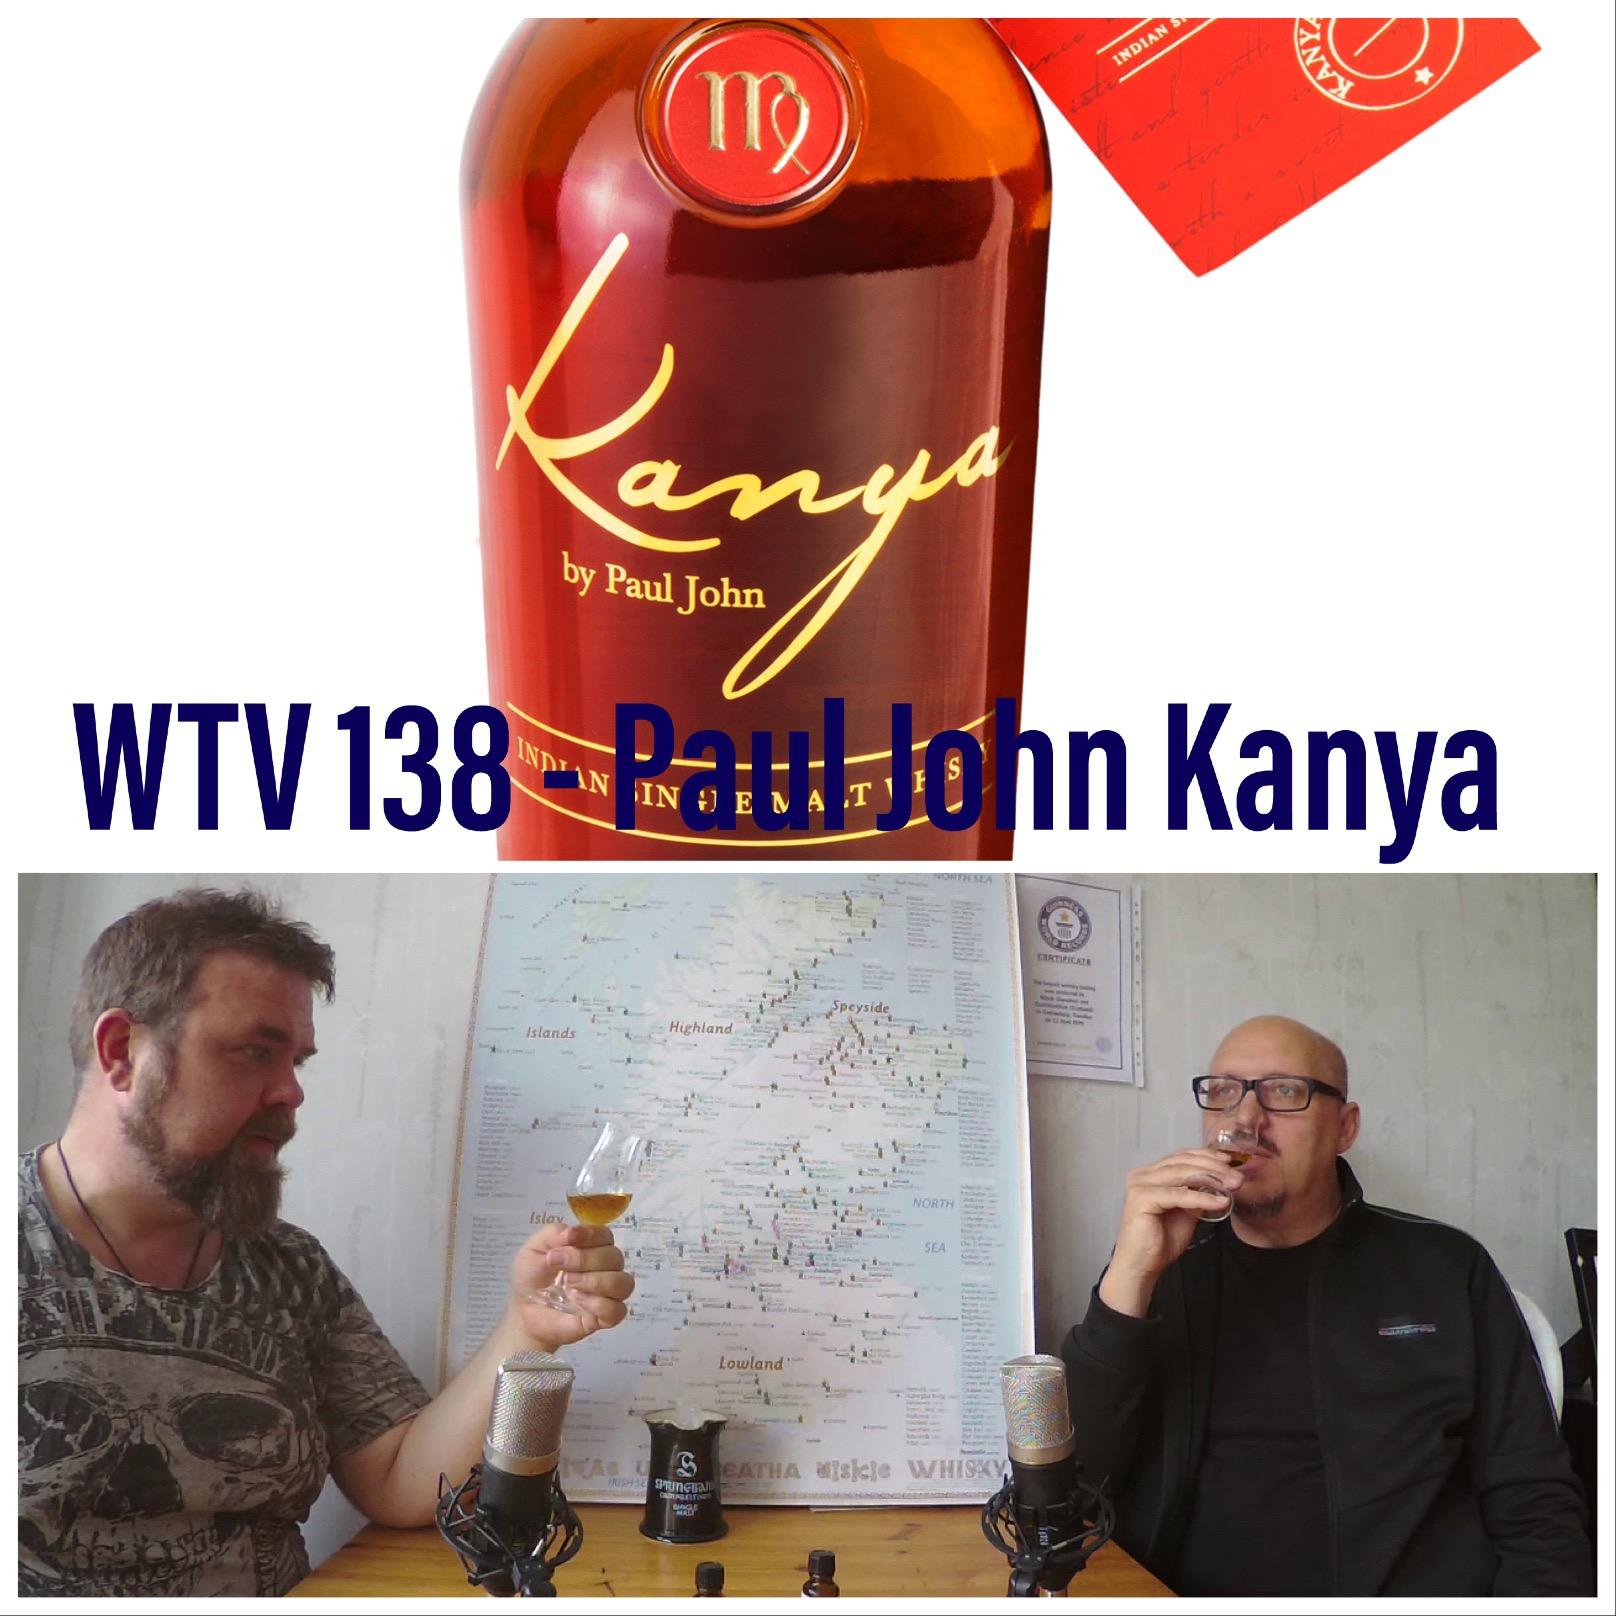 WTV 138 – Paul John Kanya